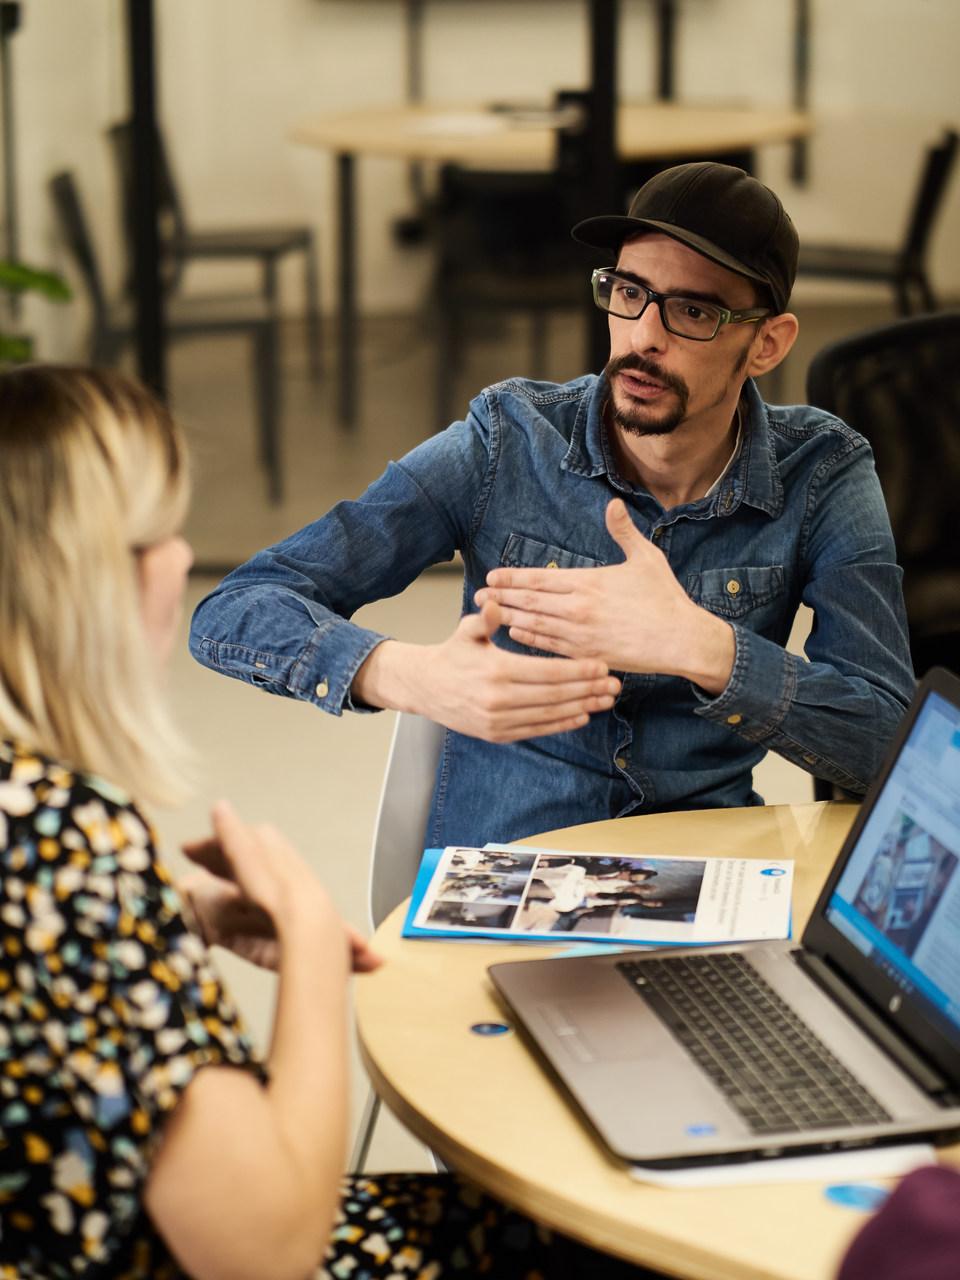 Mann und Frau im Büro sprechen in Gebärdensprache